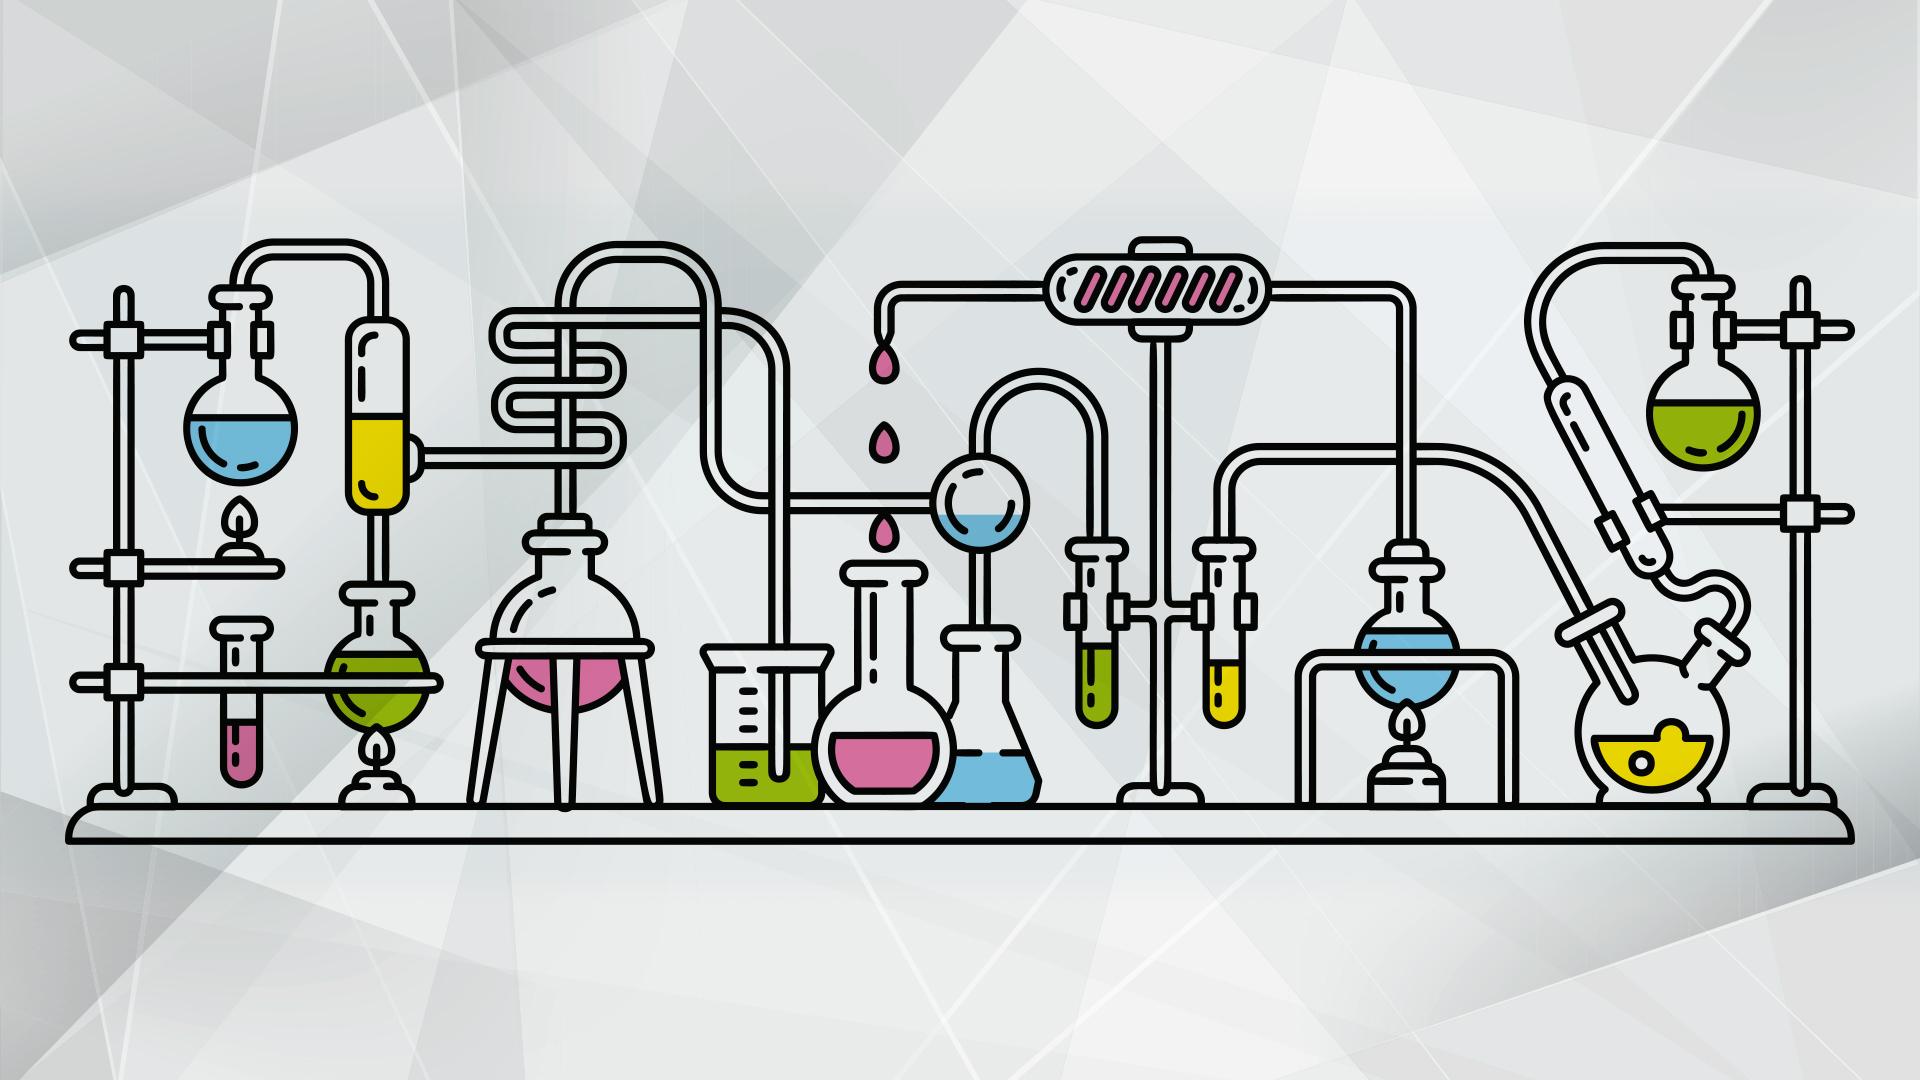 Forschung, Wissenschaft, Stockfotos, Labor, Wissenschaftler, scientist, Science, Chemie, Reagenzglas